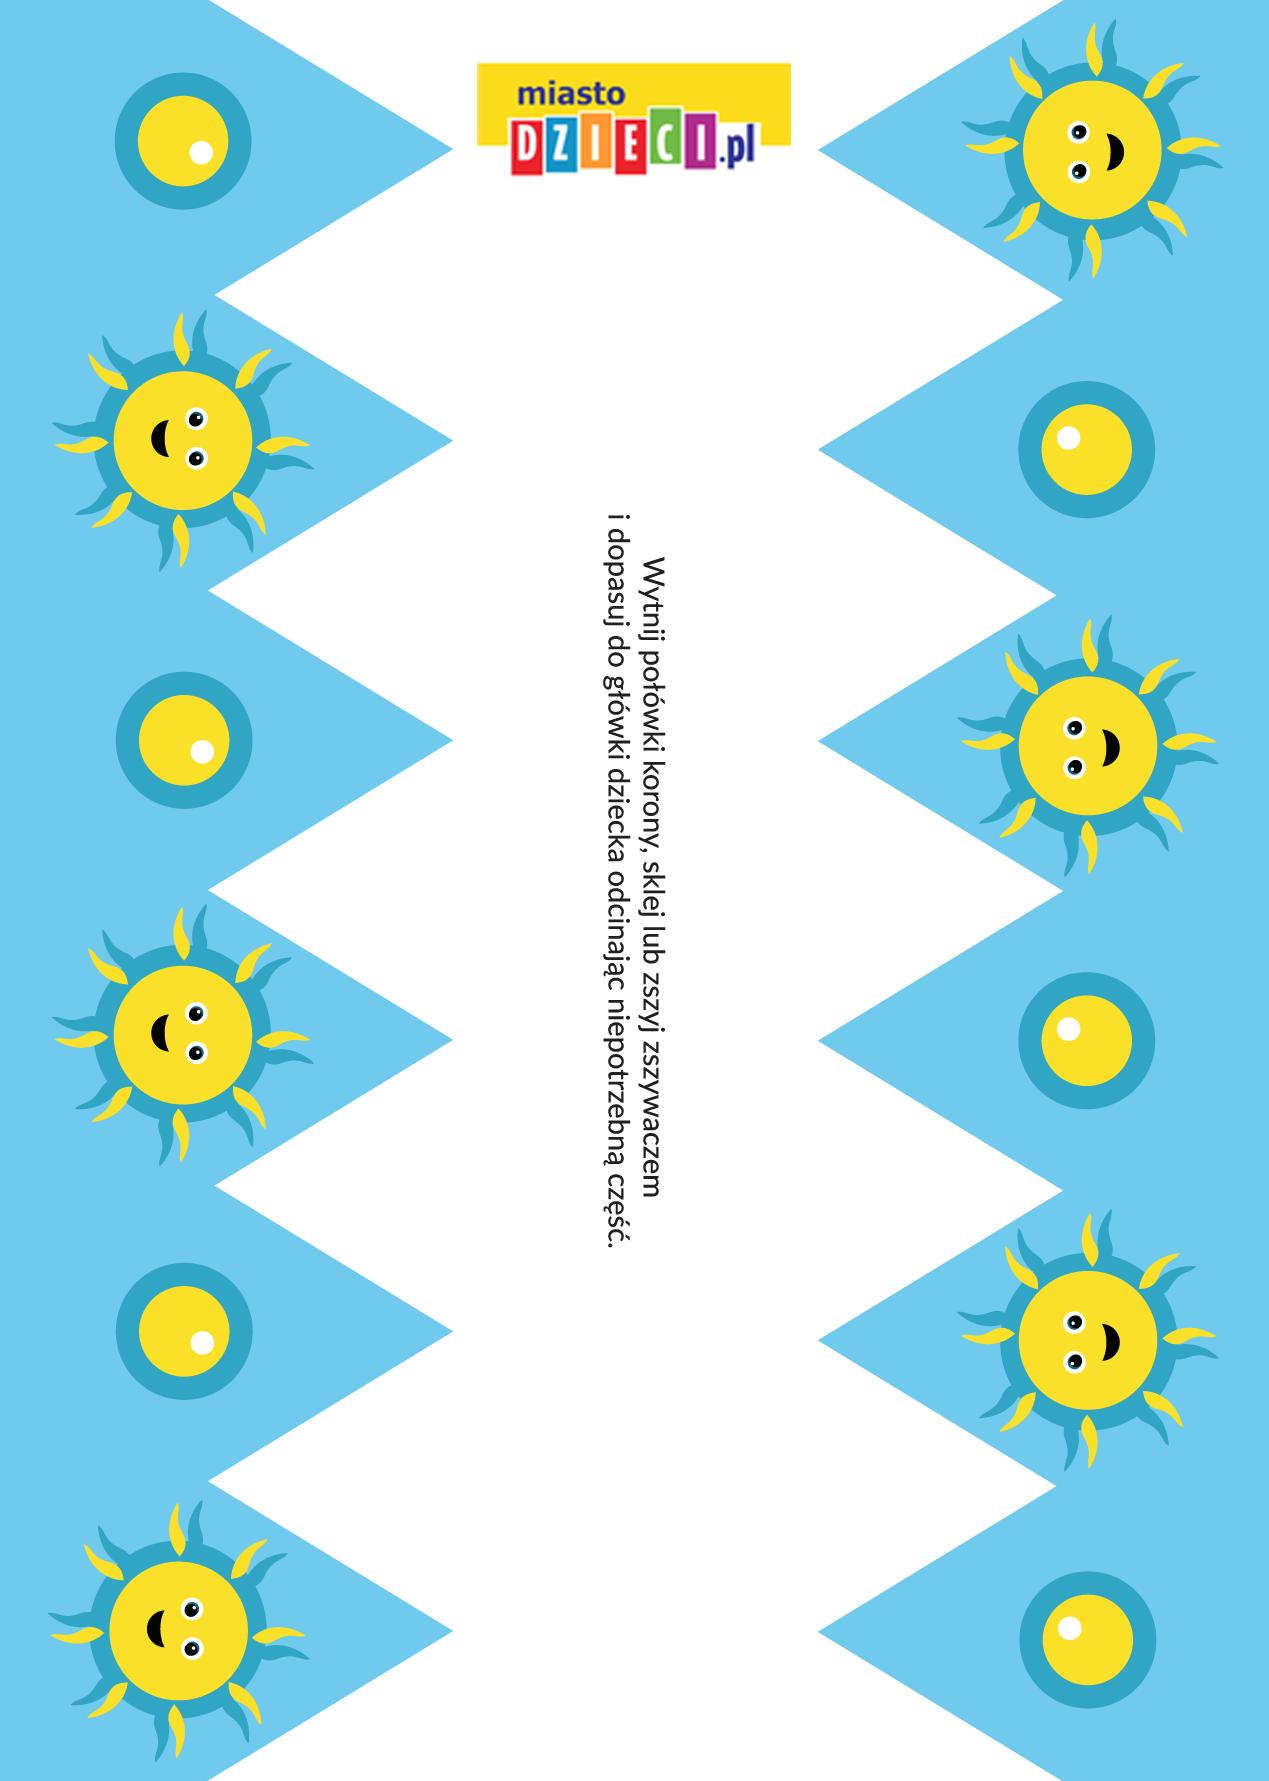 korona urodzinowa w słoneczka - szablon do druku szablony do druku dla dzieci MiastoDzieci.pl